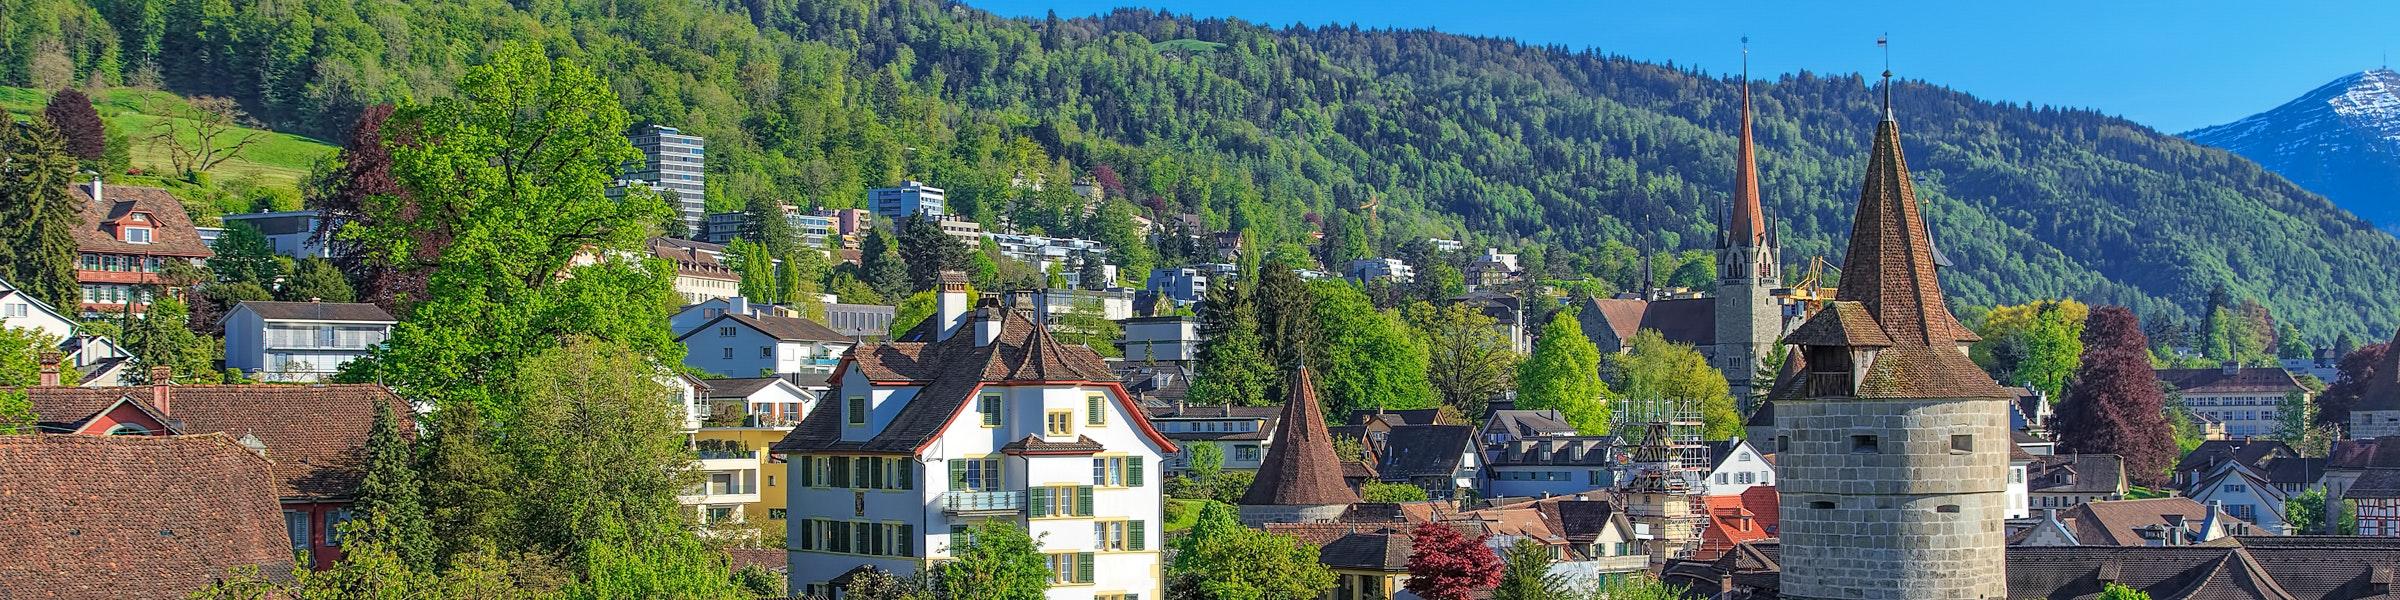 De stad Zug